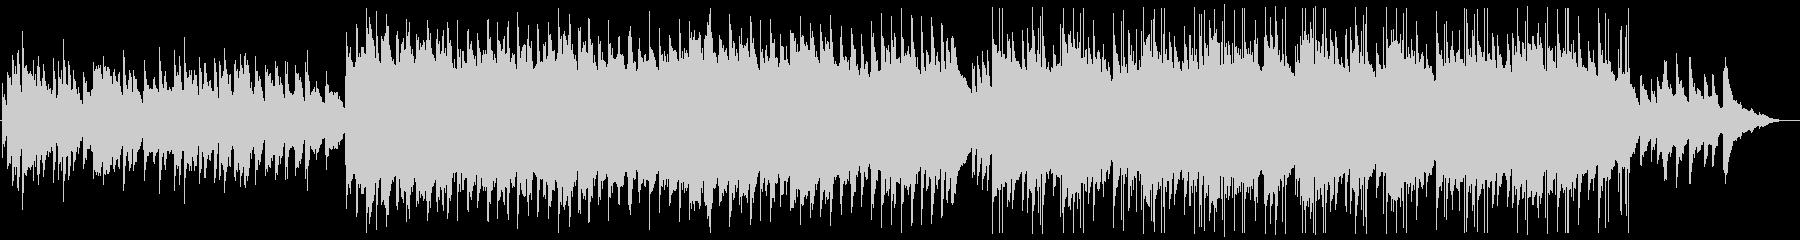 センチメンタルな雰囲気のピアノ曲の未再生の波形